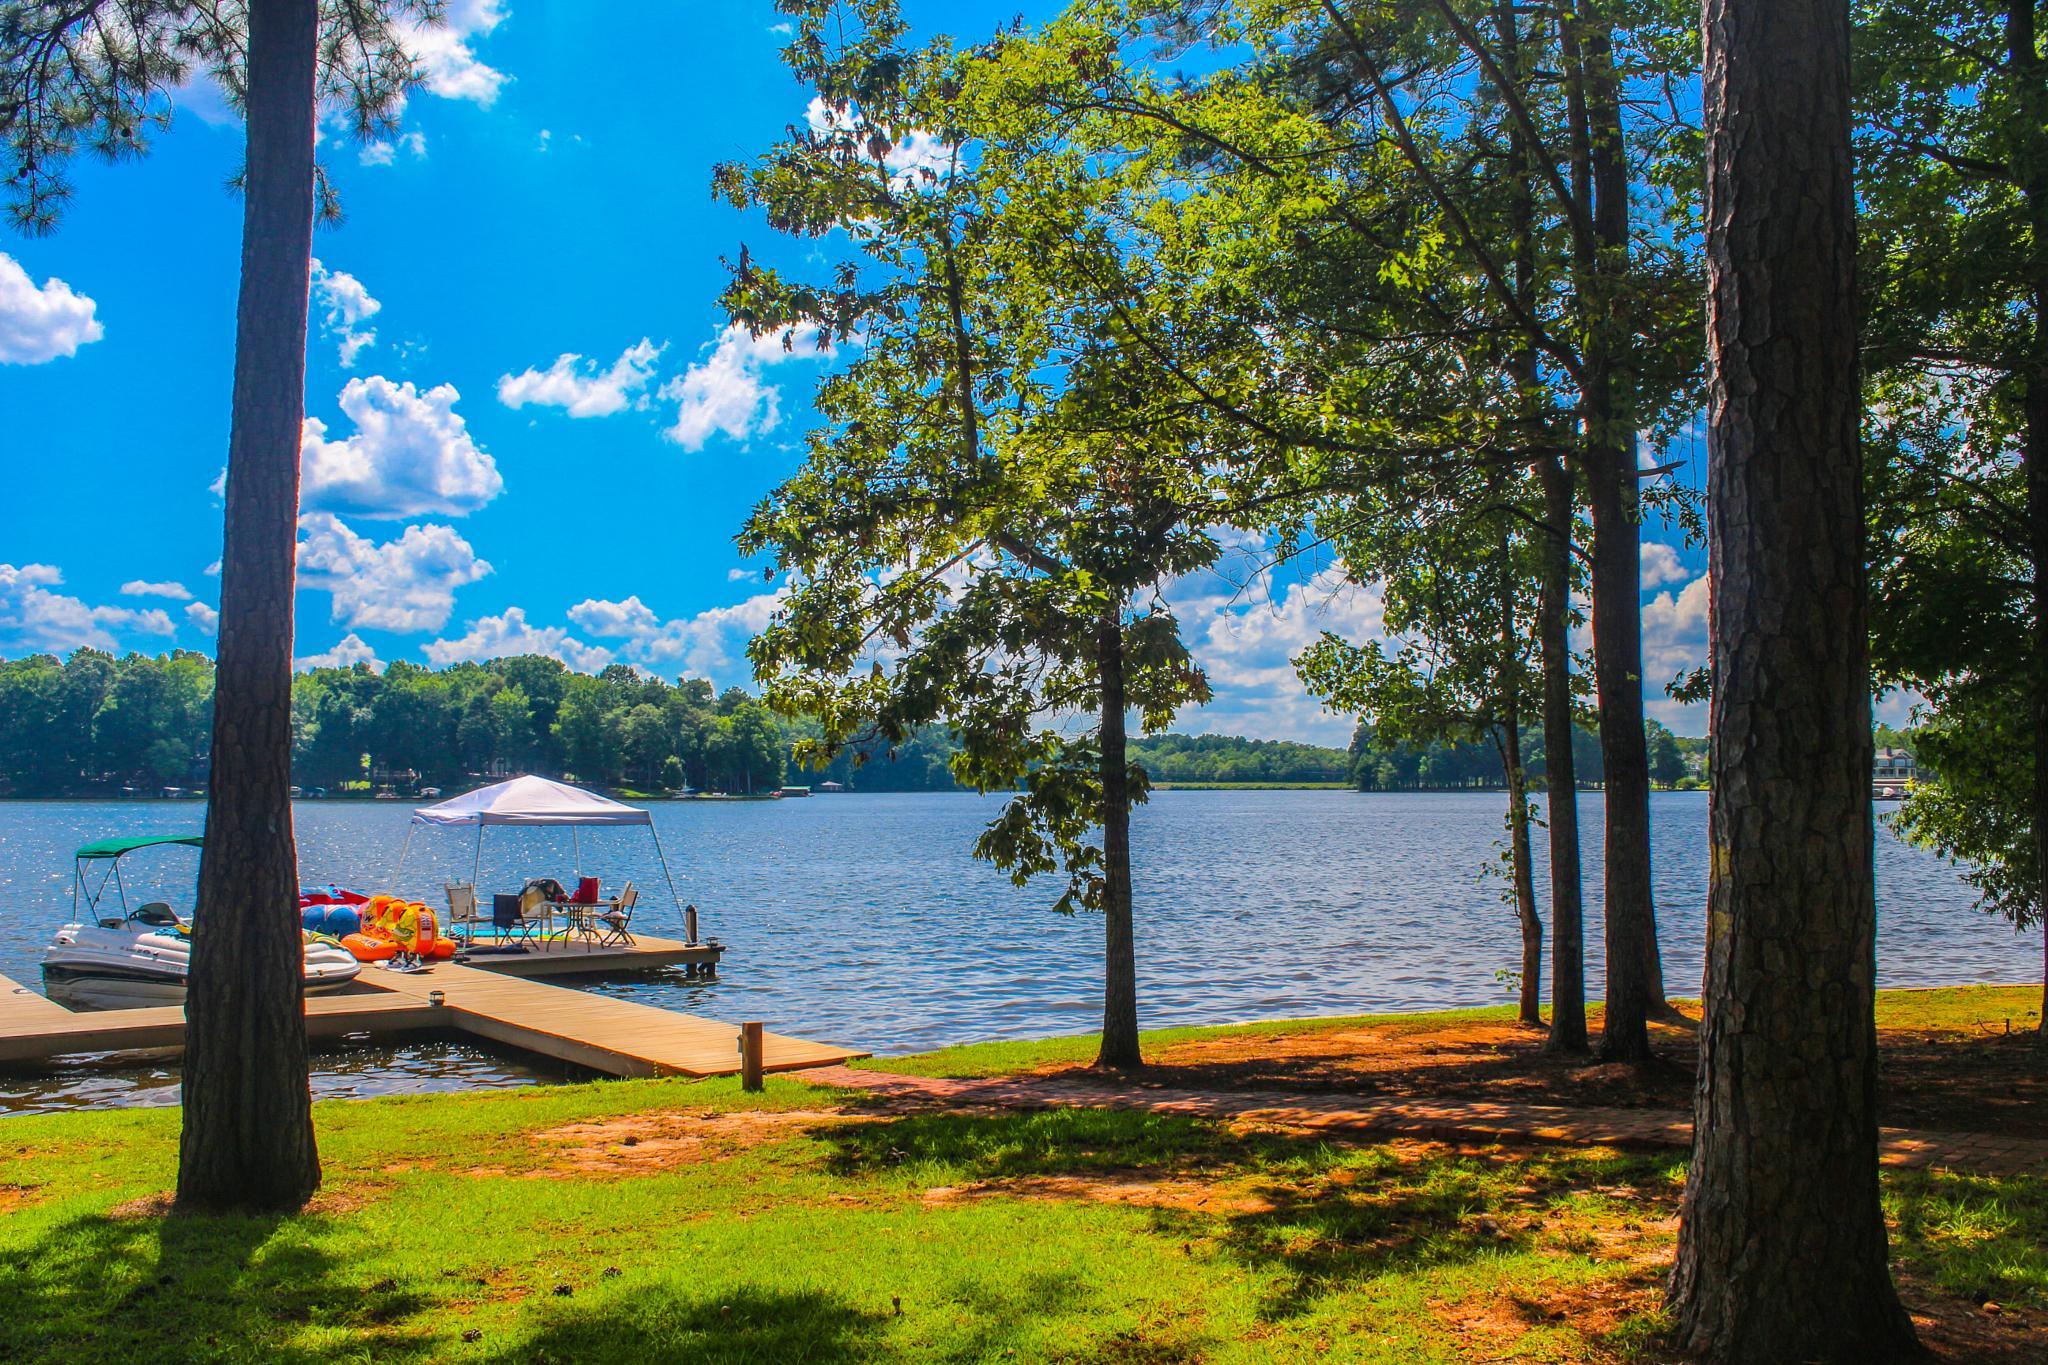 Lake Life by Scott F. Brooks